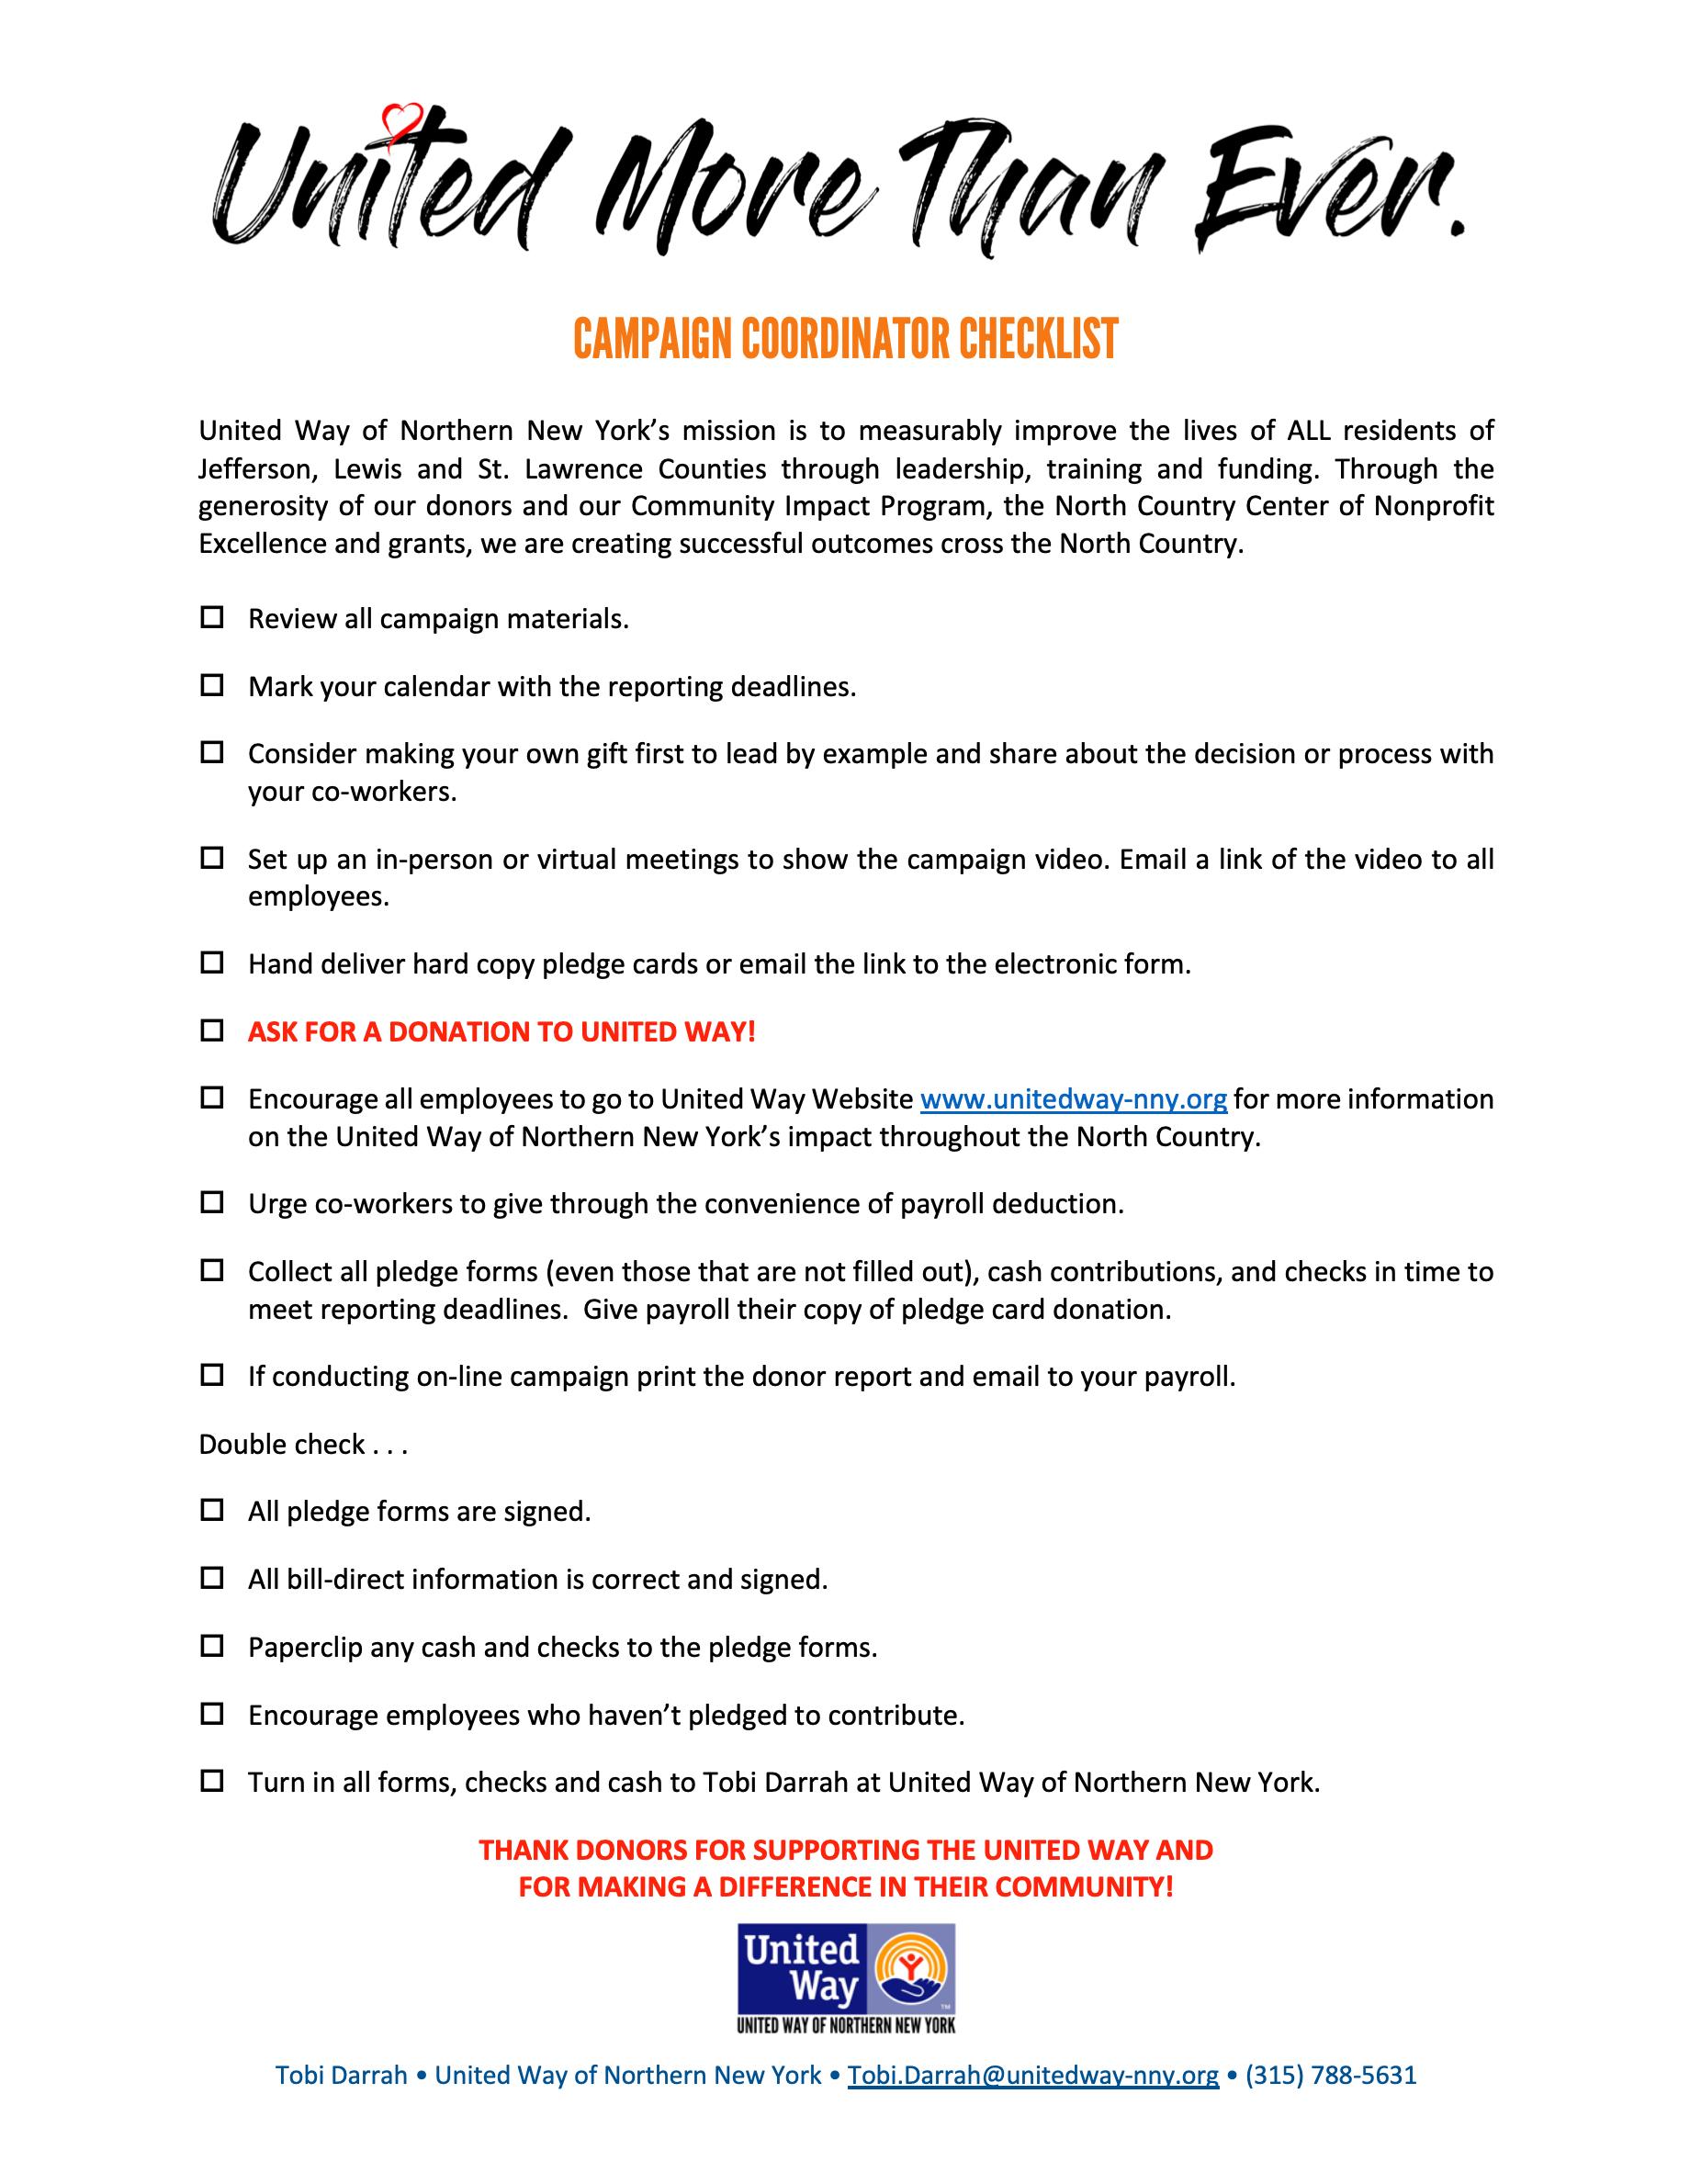 Campaign Coordinator Checklist